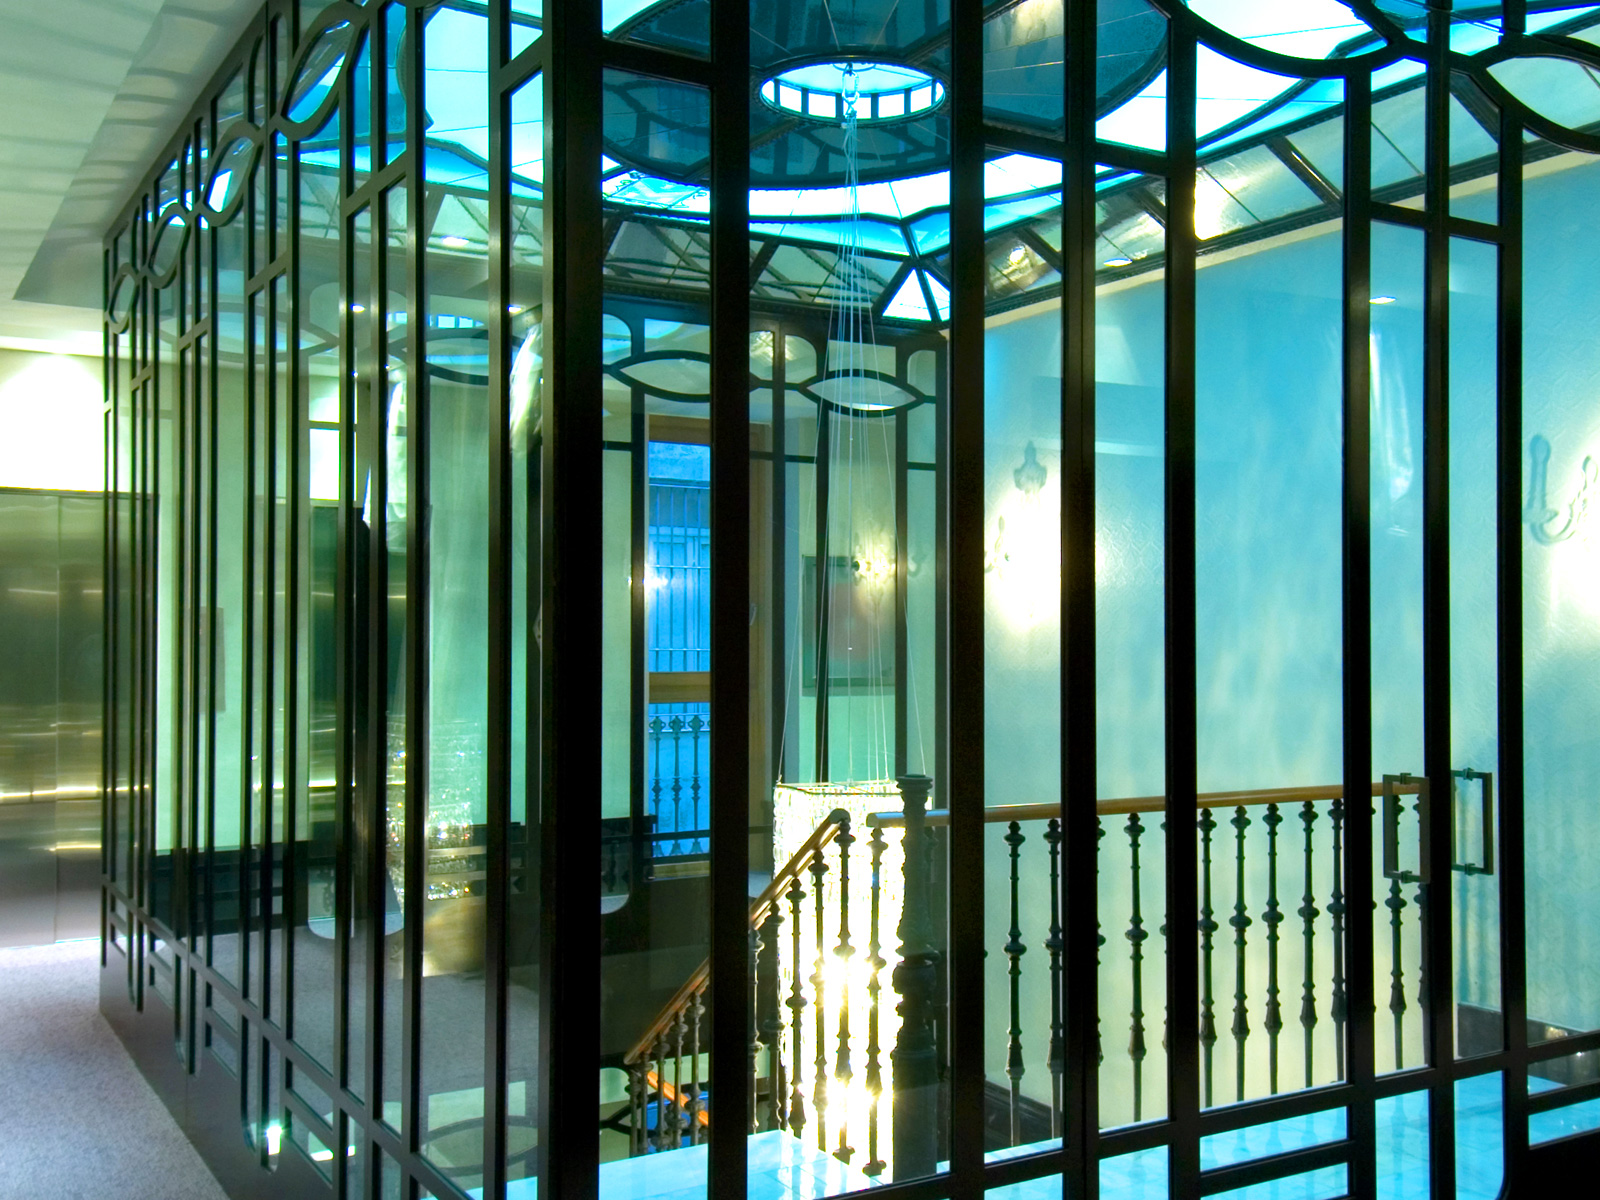 Fenêtre - Vincci Palace 4*